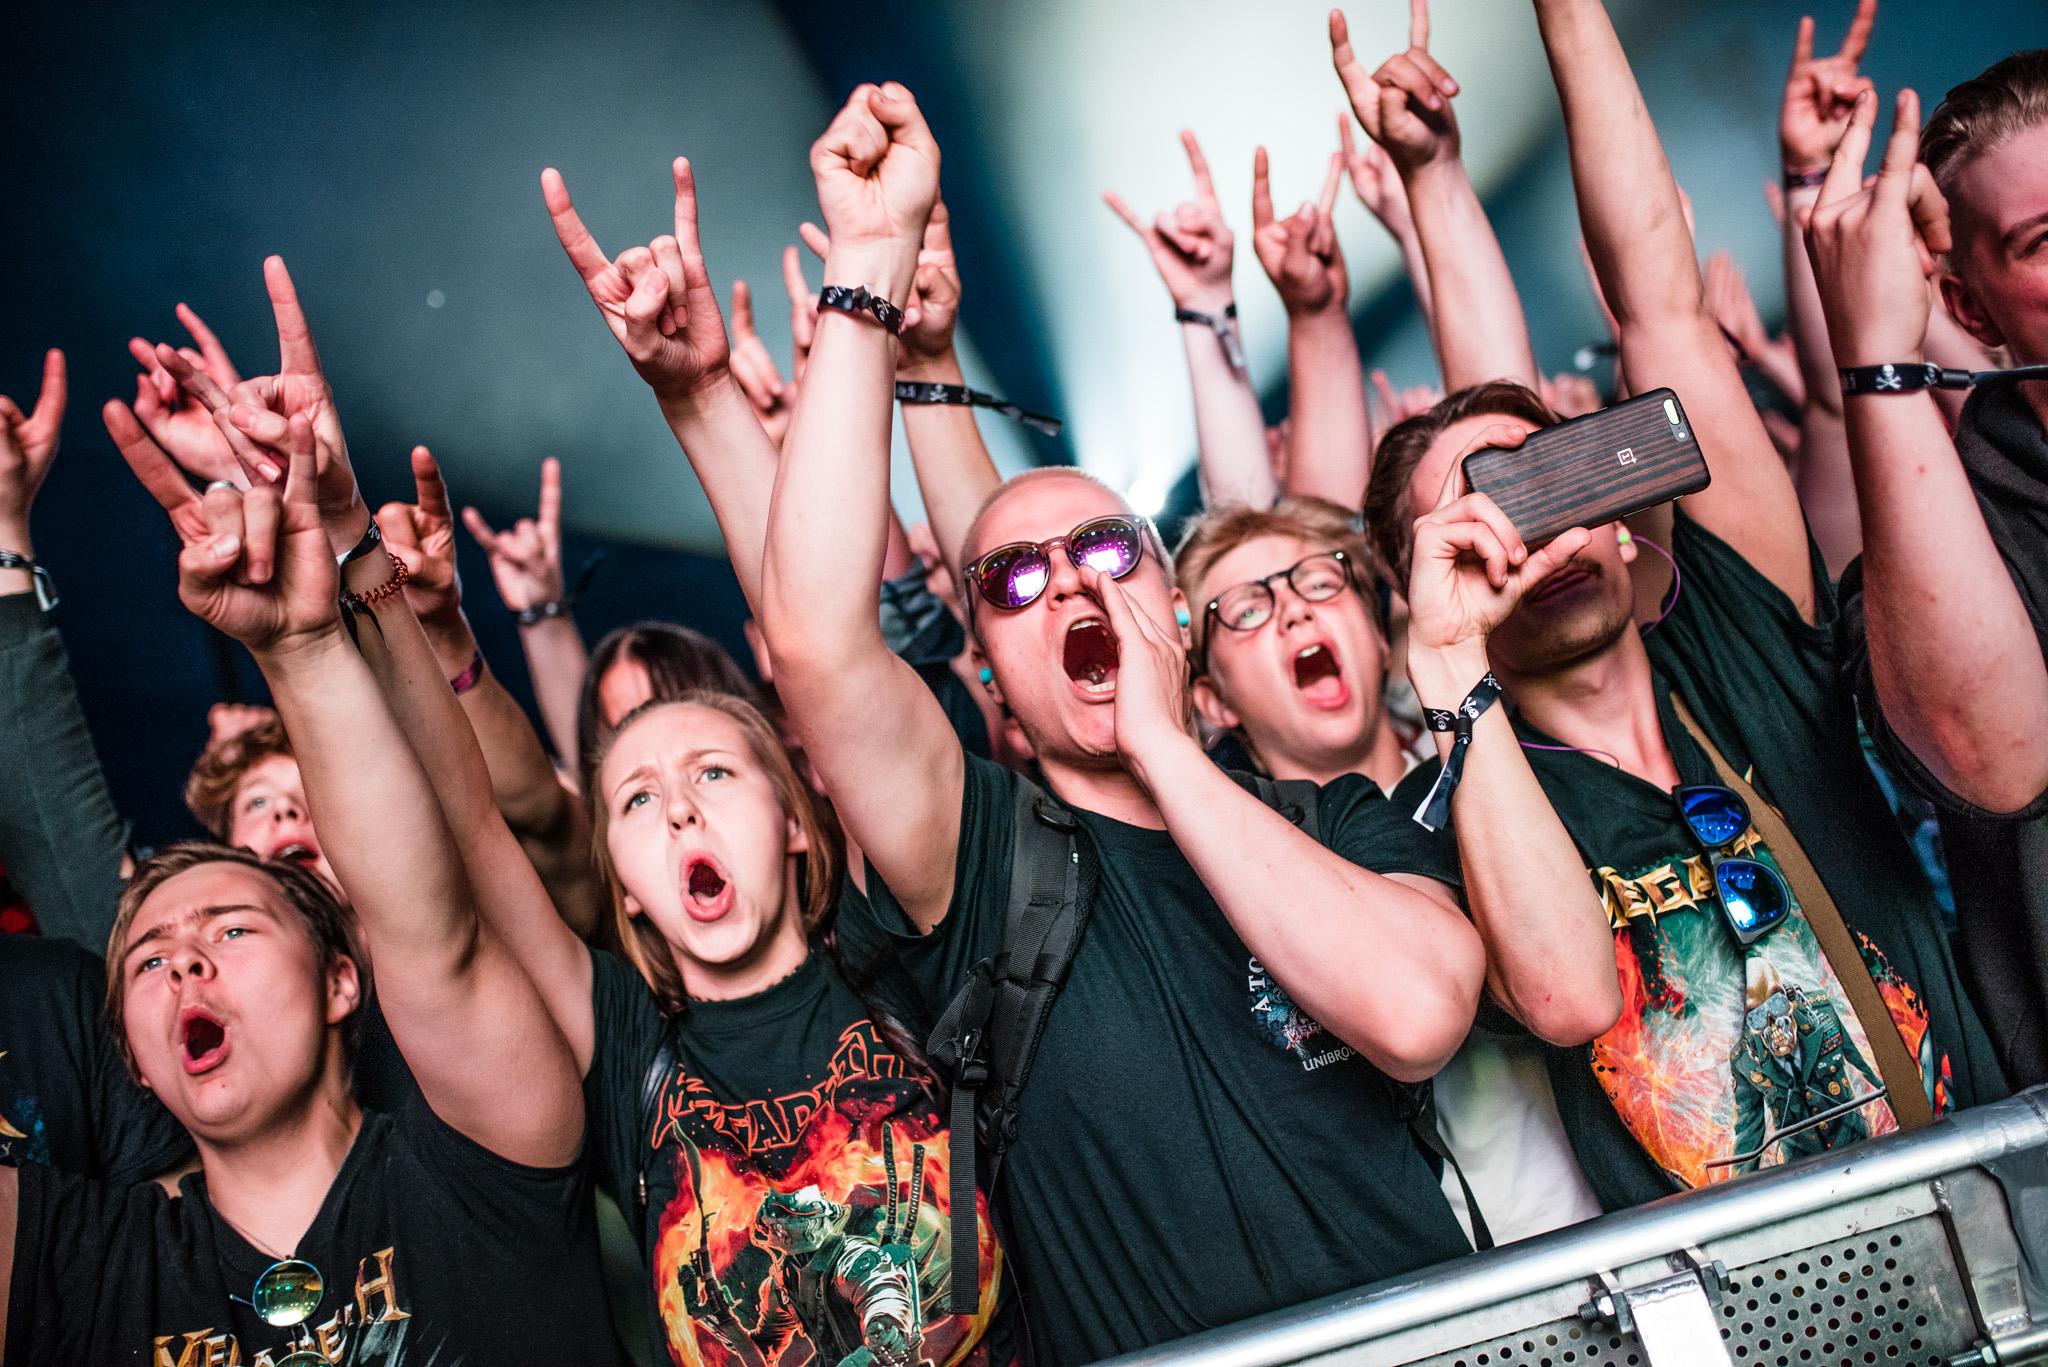 Yleisöä Megadethin keikan aikana, Kuopio Rockcock 2017.